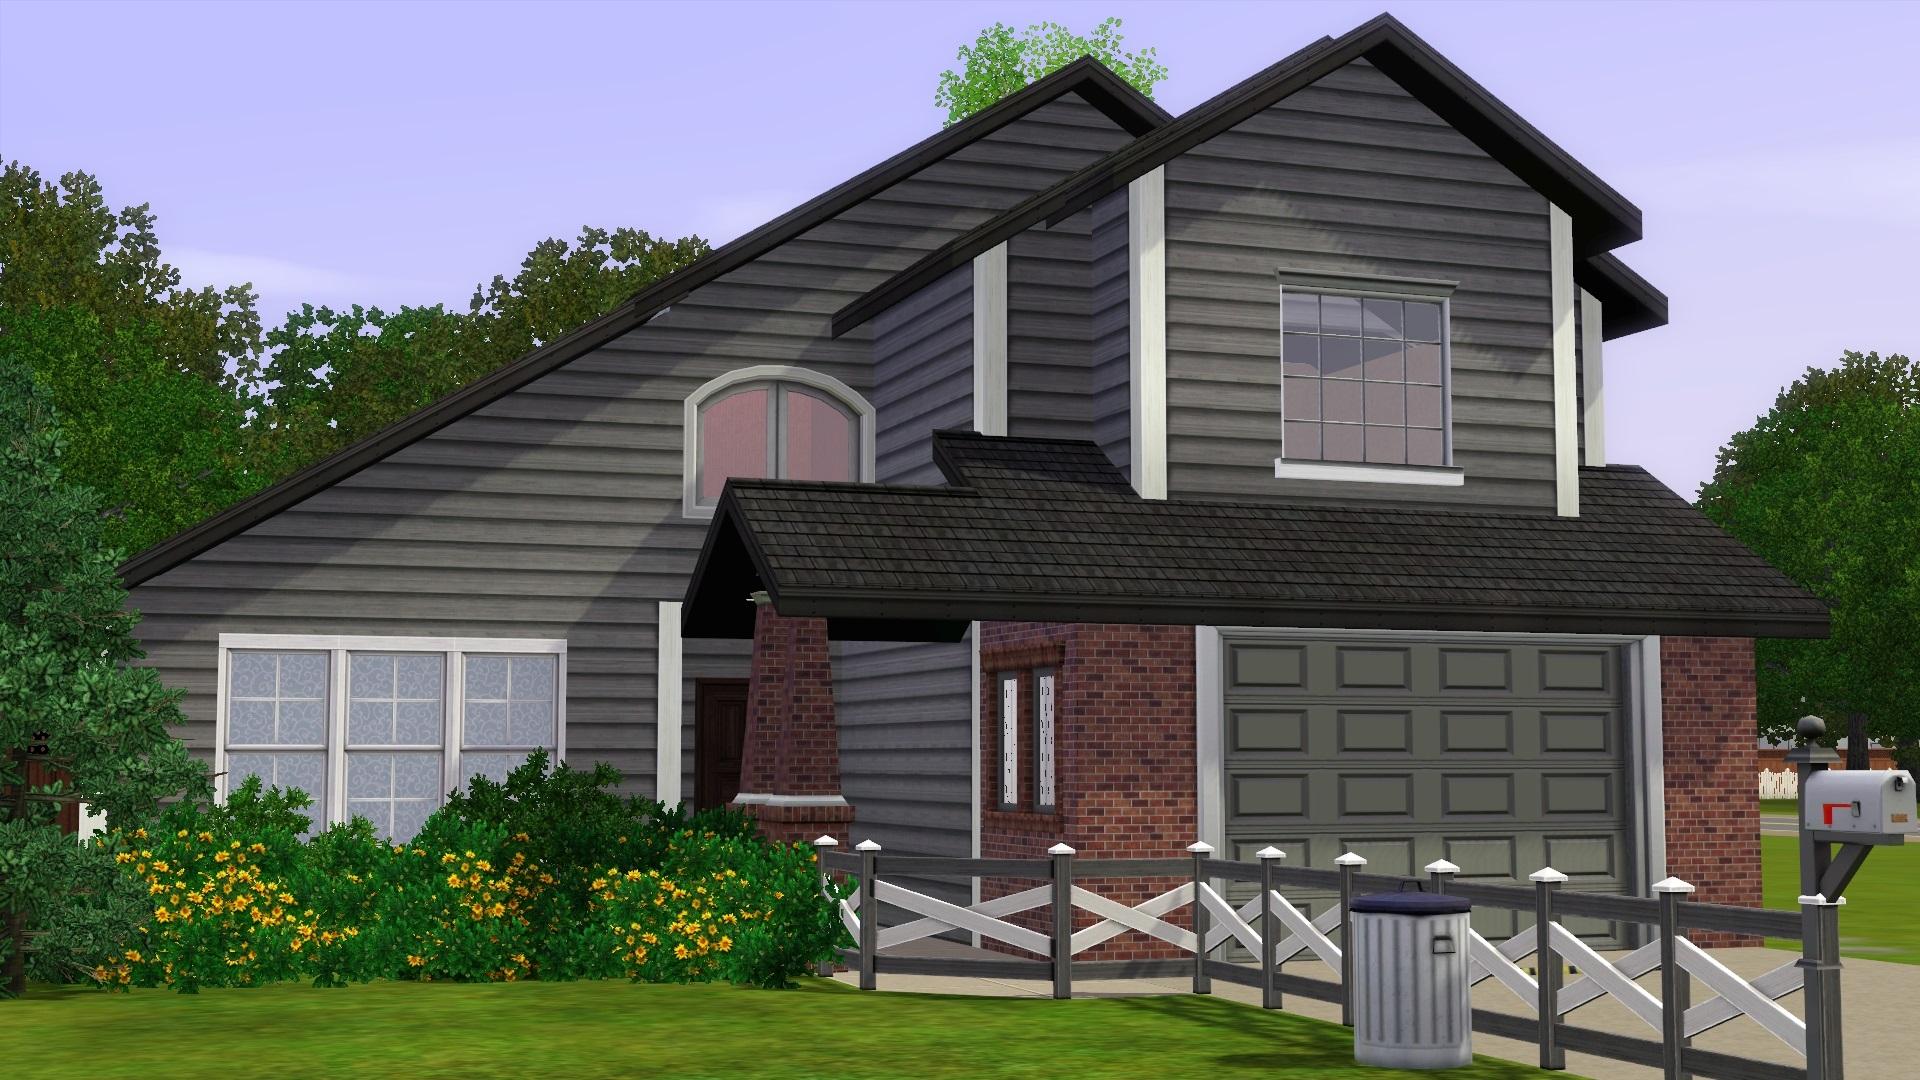 Mod the sims medium sized suburban home for Medium houses